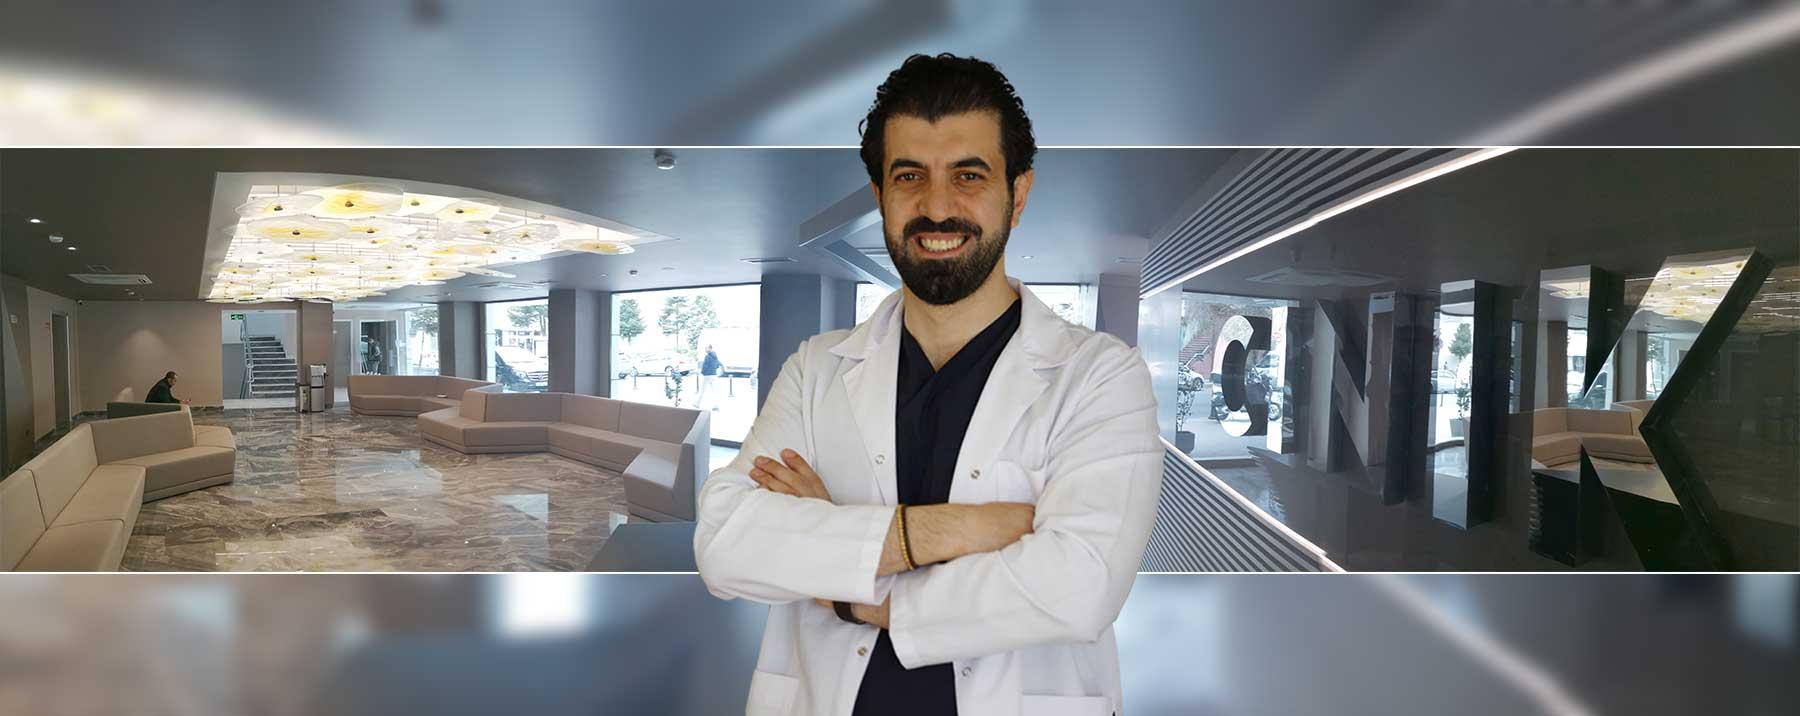 DR. EMRAH CINIK HAIR TRANSPLANT CLINIC